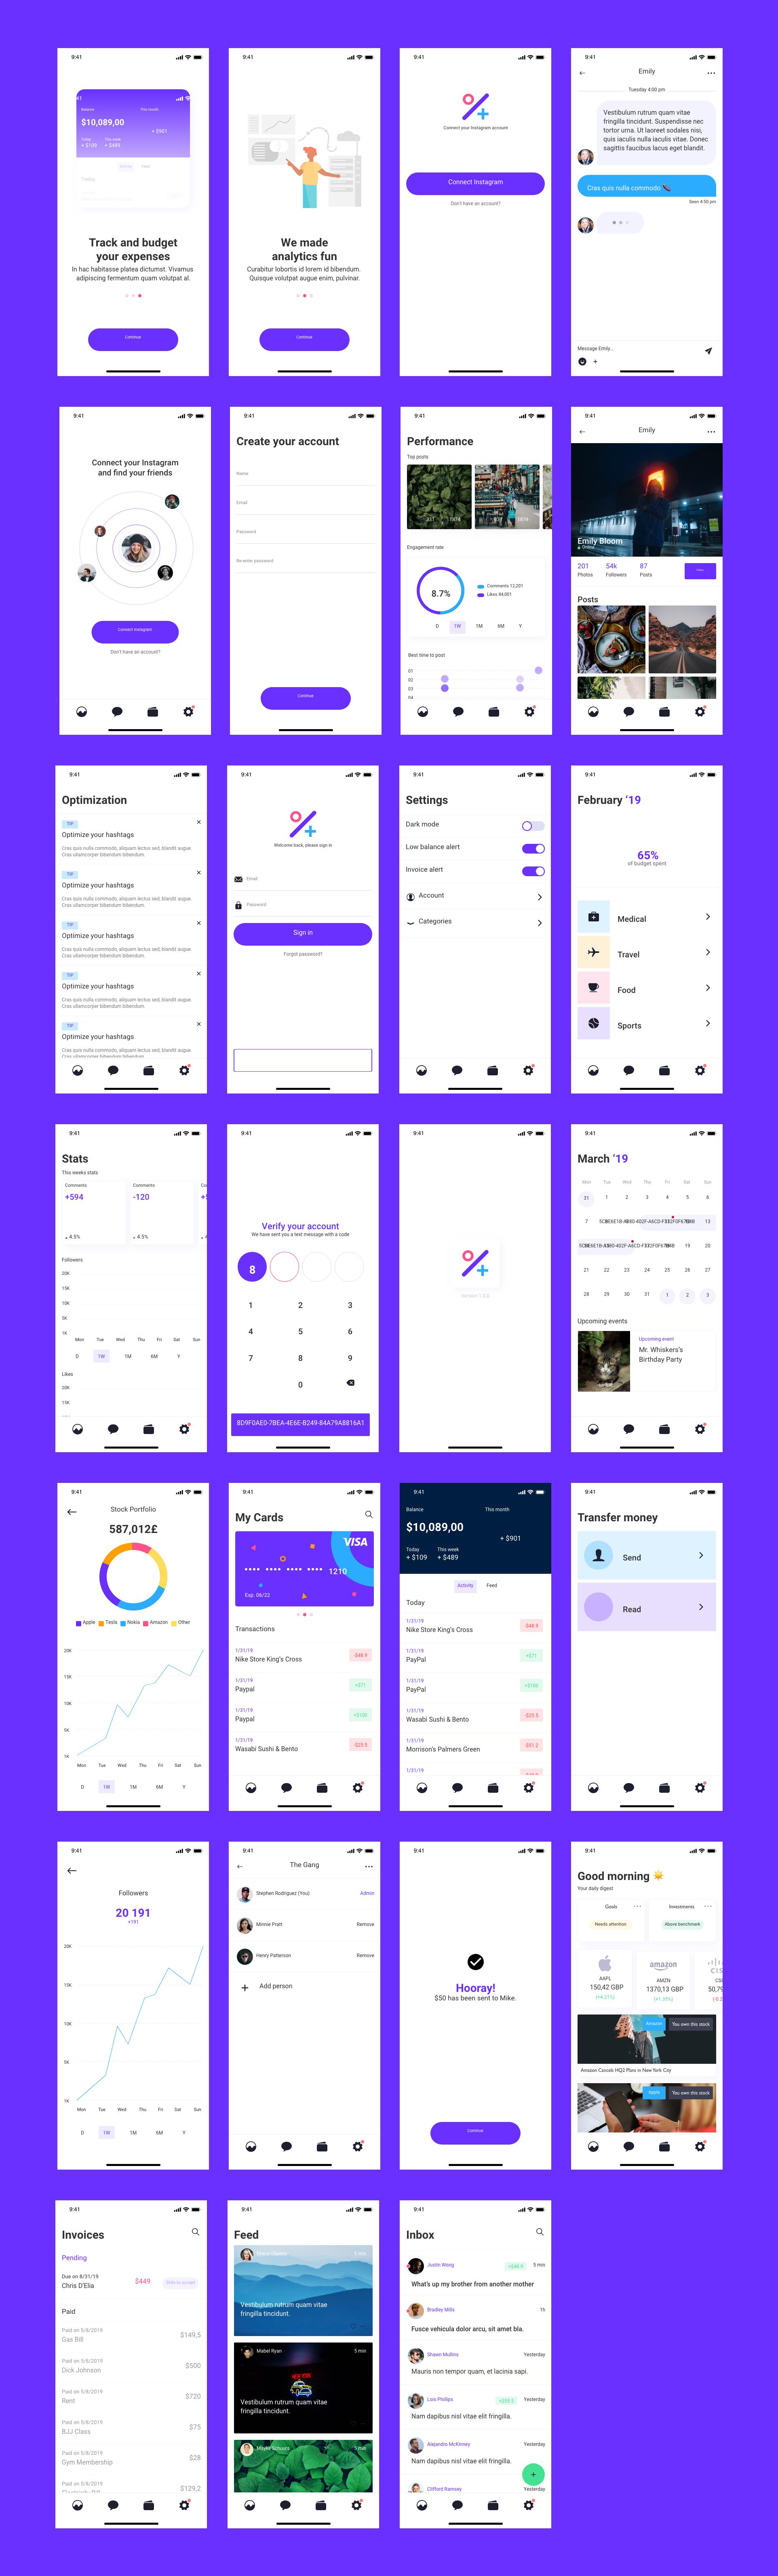 金融类app整套UI源文件下载